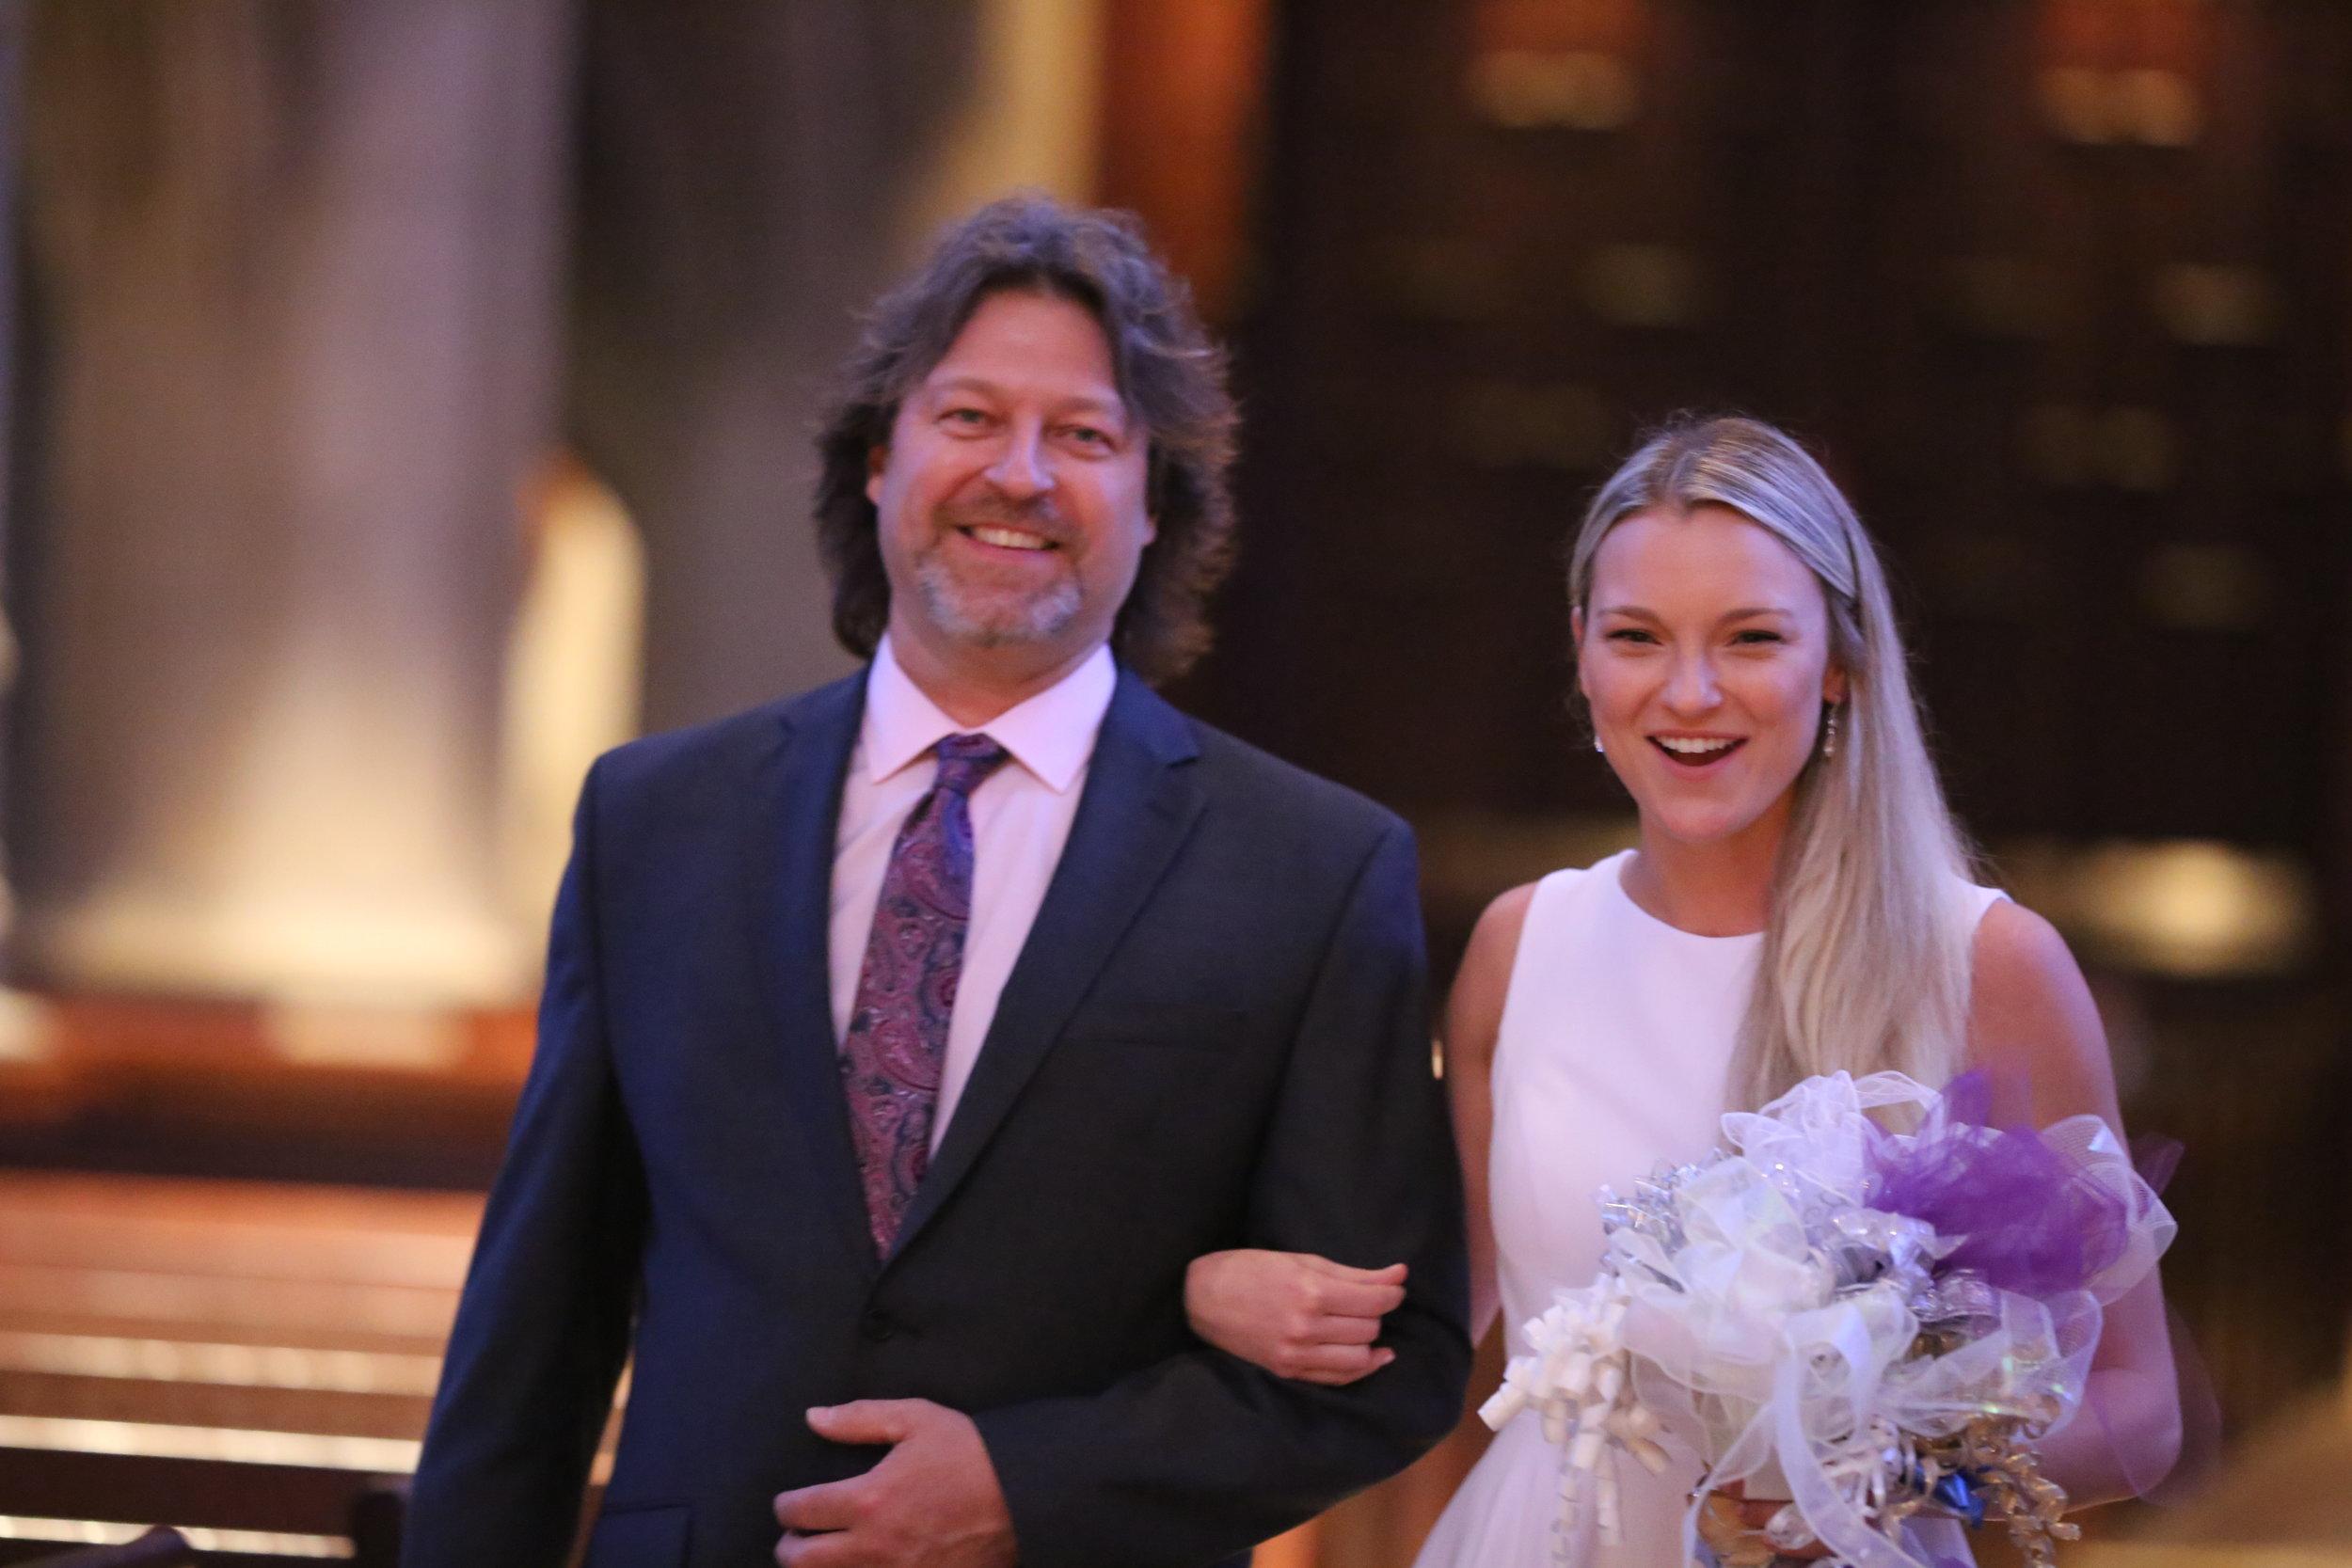 Intimate wedding ceremony Pennsylvania